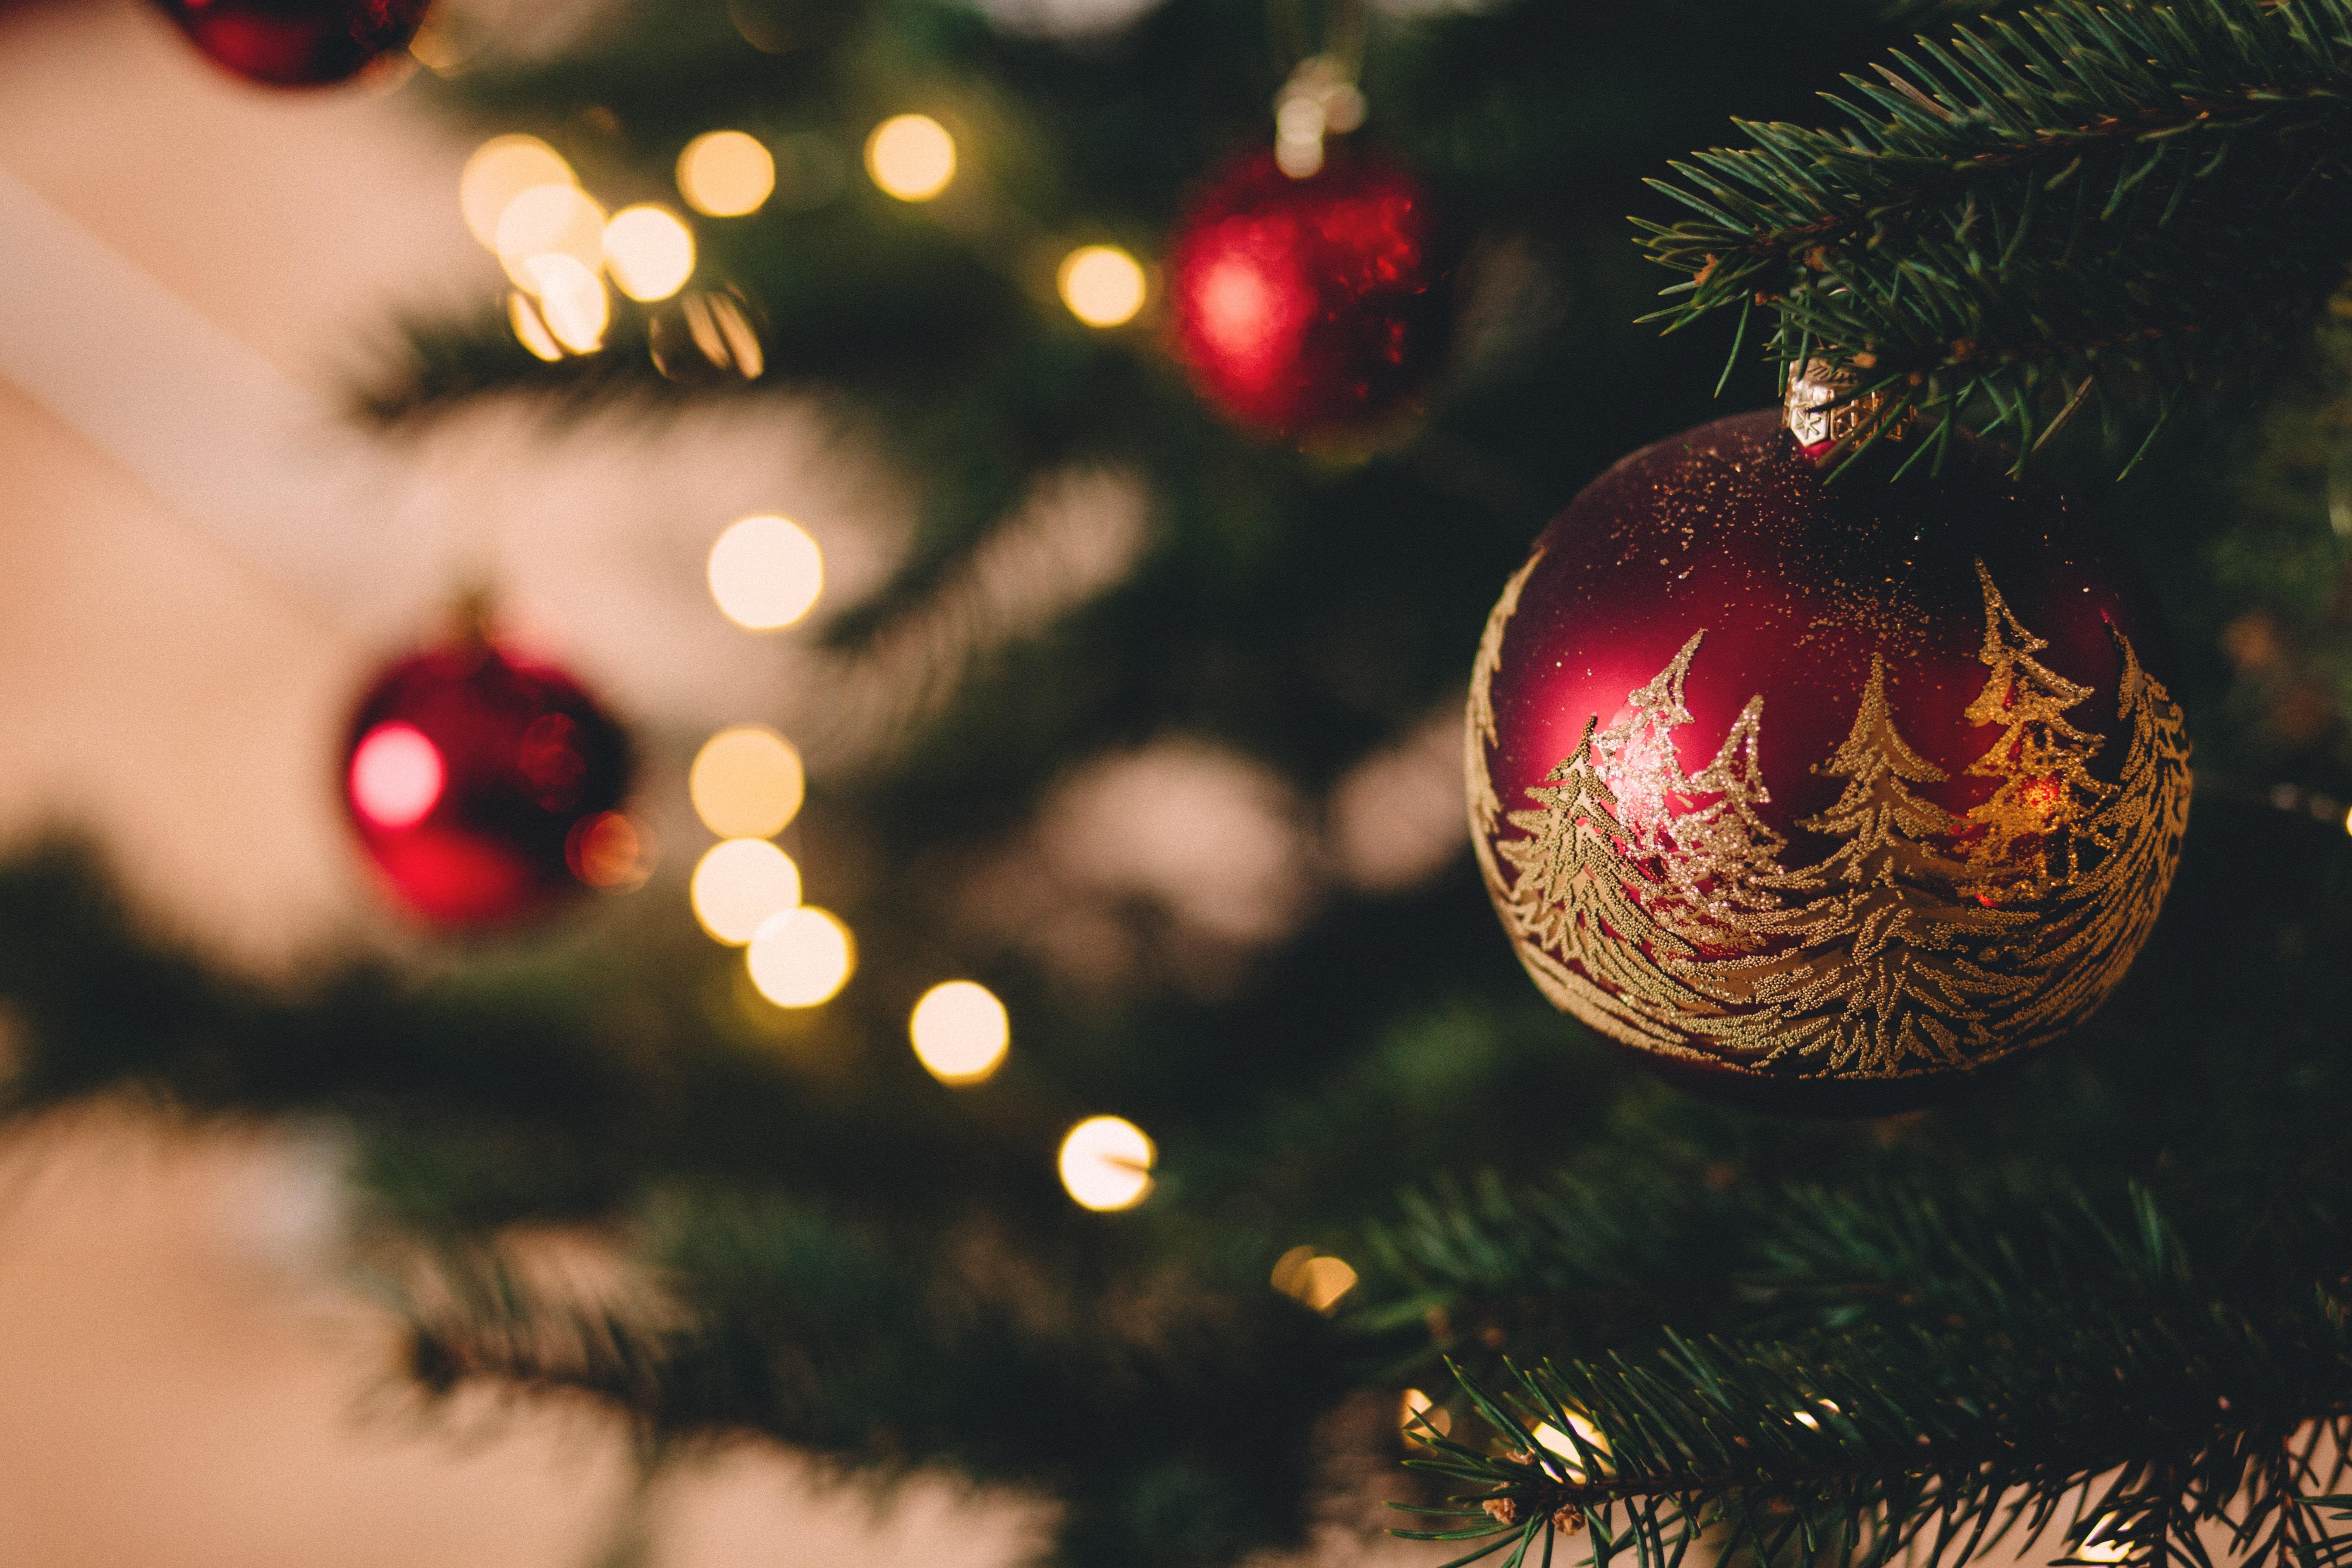 クリスマスといえばくるみ割り人形!バレエ音楽って?